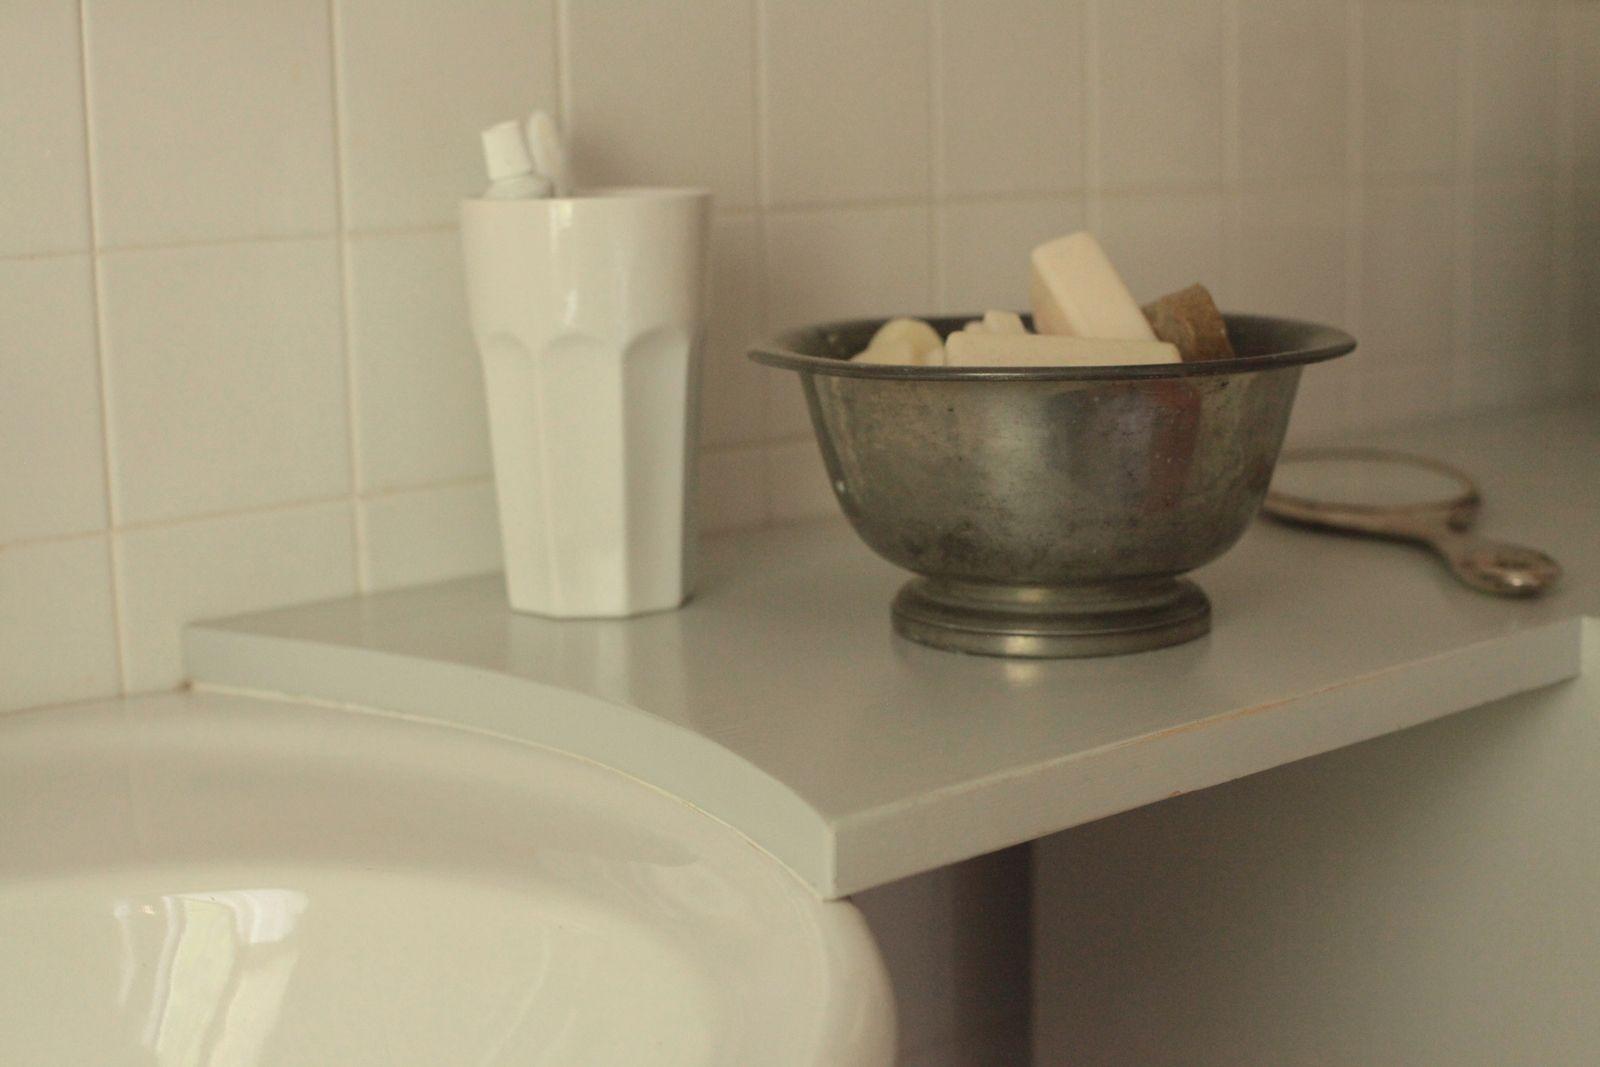 Trasformare Lavanderia In Bagno : Nascondere la lavatrice e trasformare il bagno casa